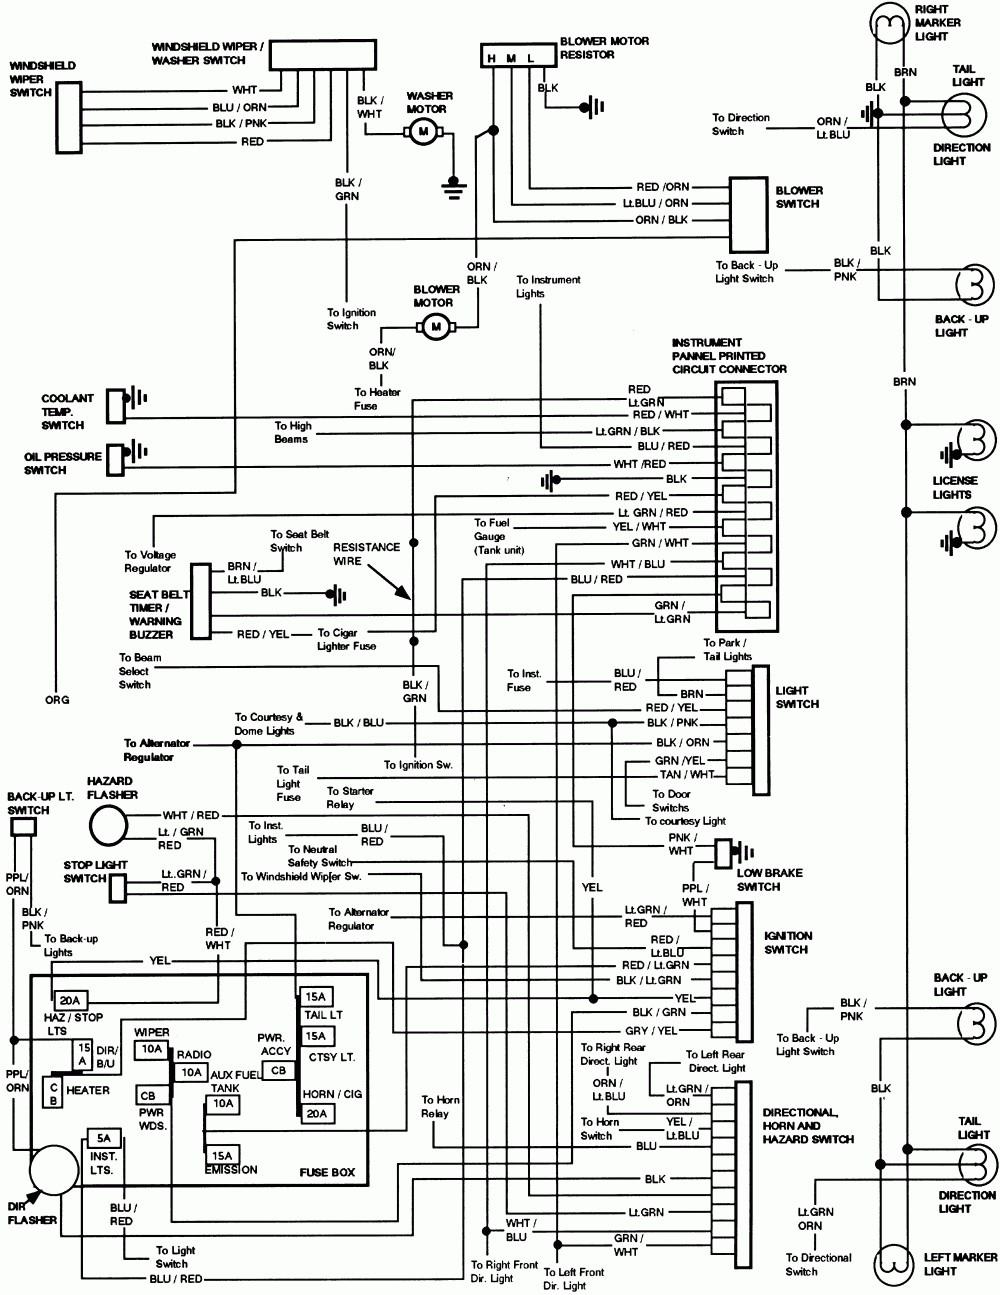 [DIAGRAM] Radio For 1999 F150 Radio Diagram FULL Version